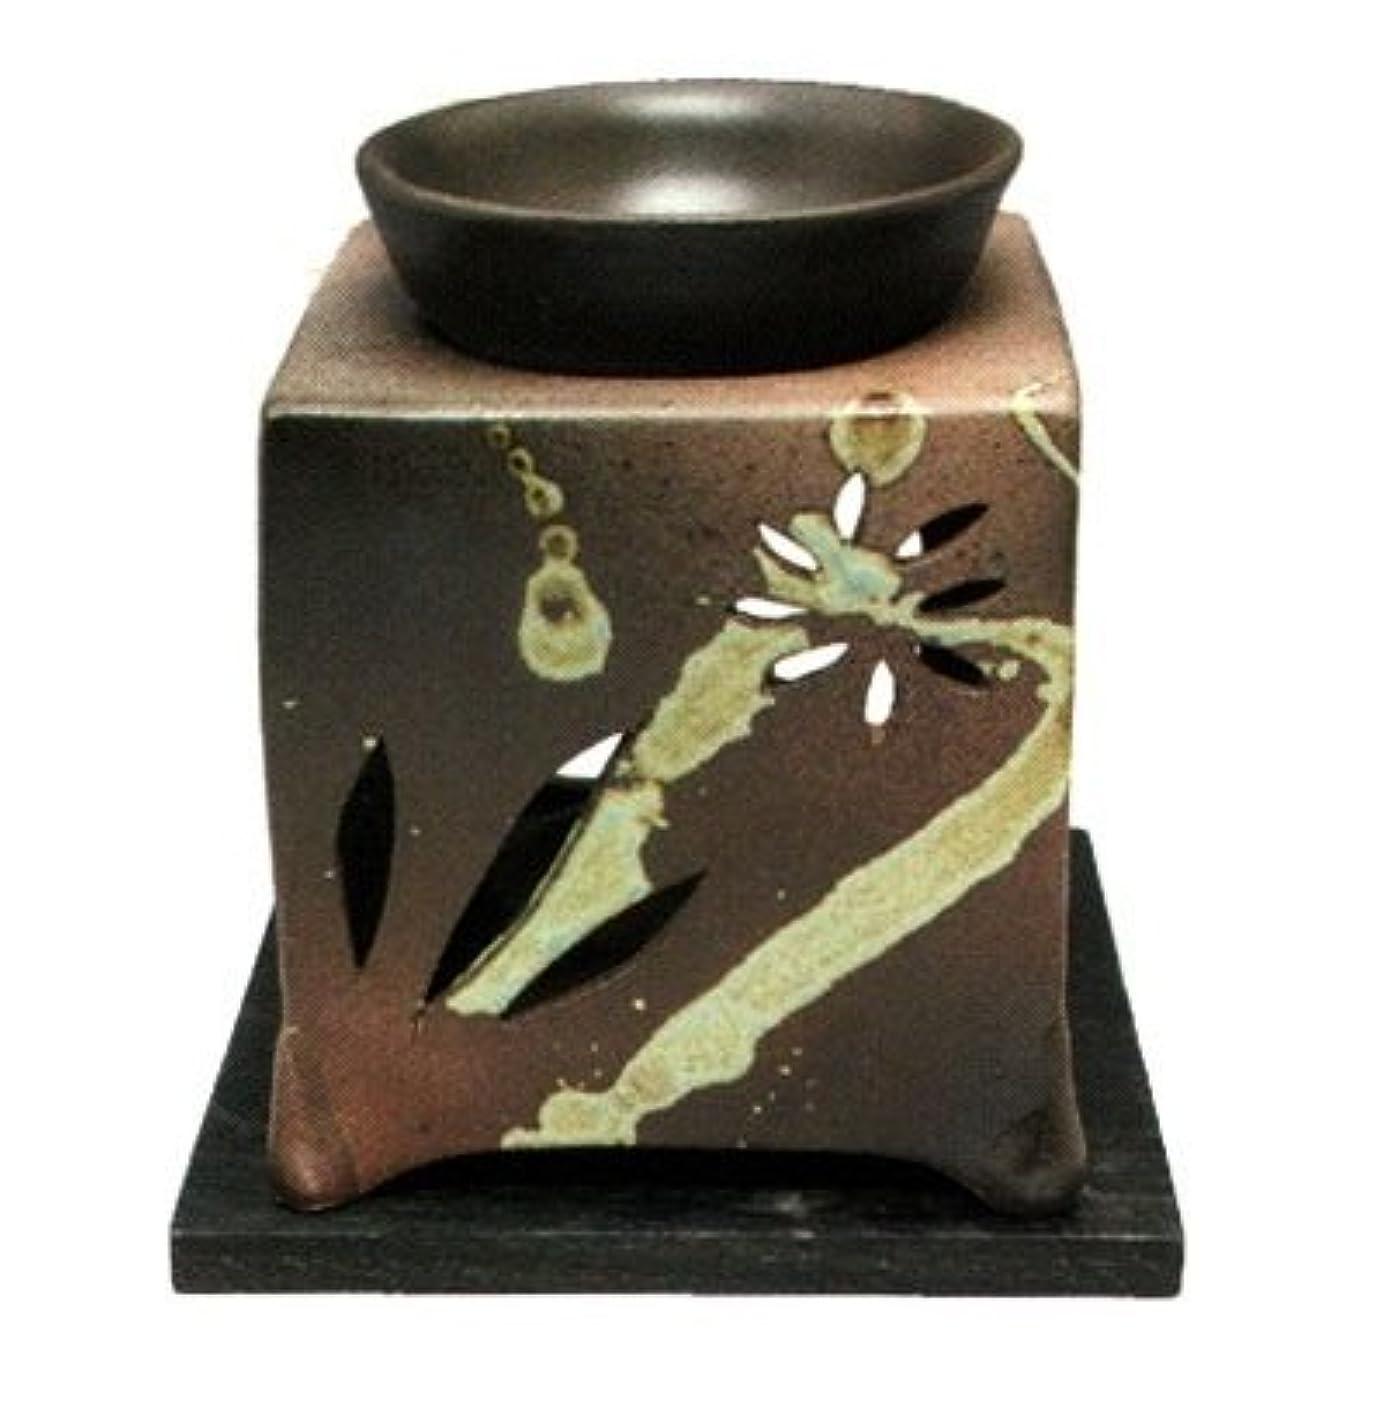 販売員不適切な禁止する常滑焼?山房窯 カ40-08 茶香炉 杉板付 約10×10×12cm